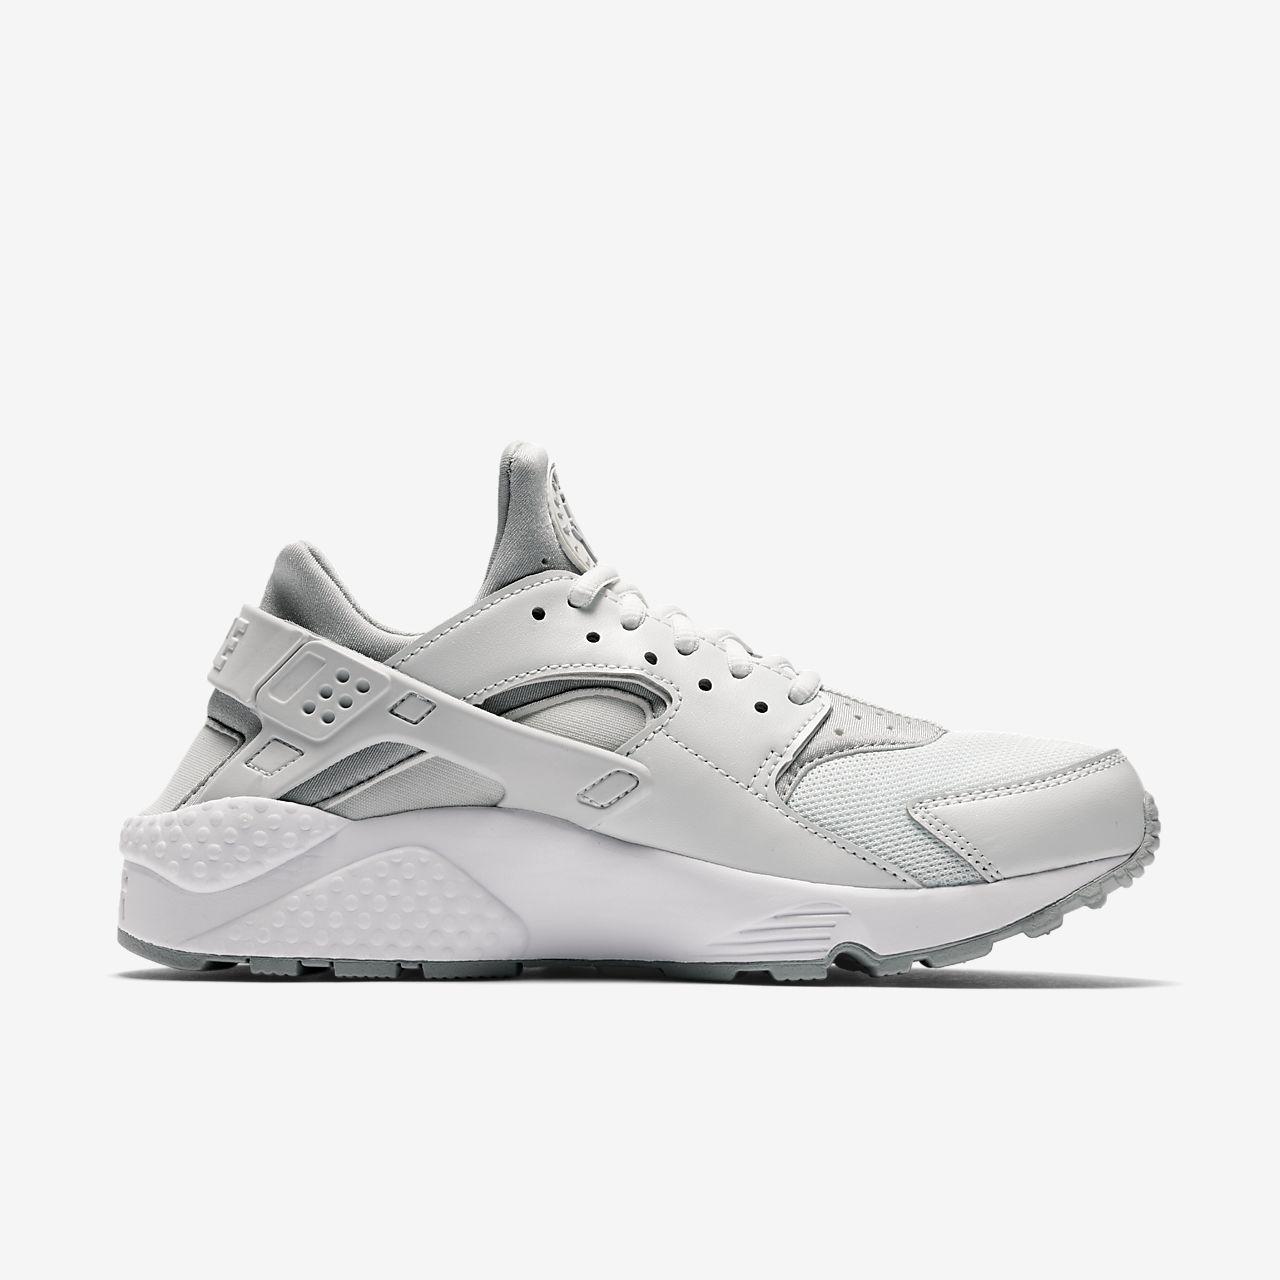 scarpe nike donna 2018 huarache